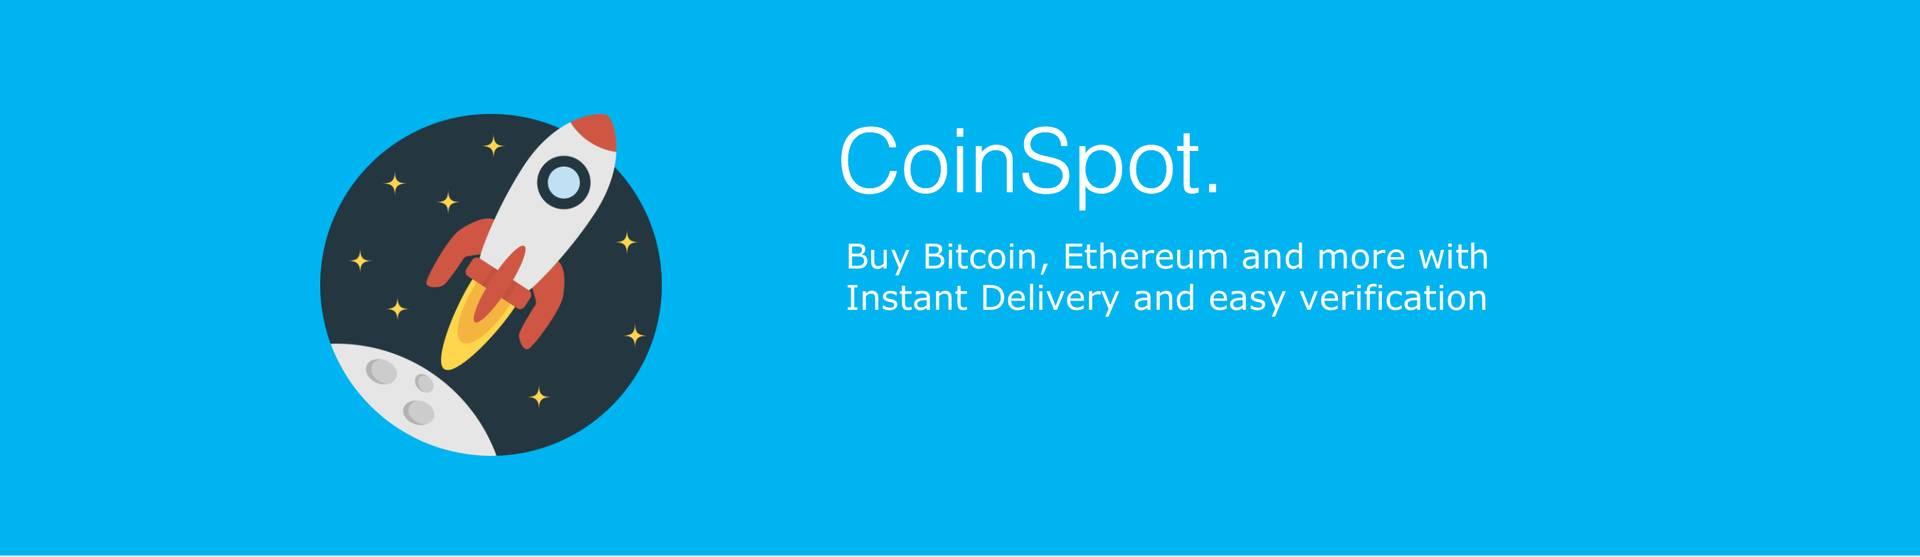 CoinSpot